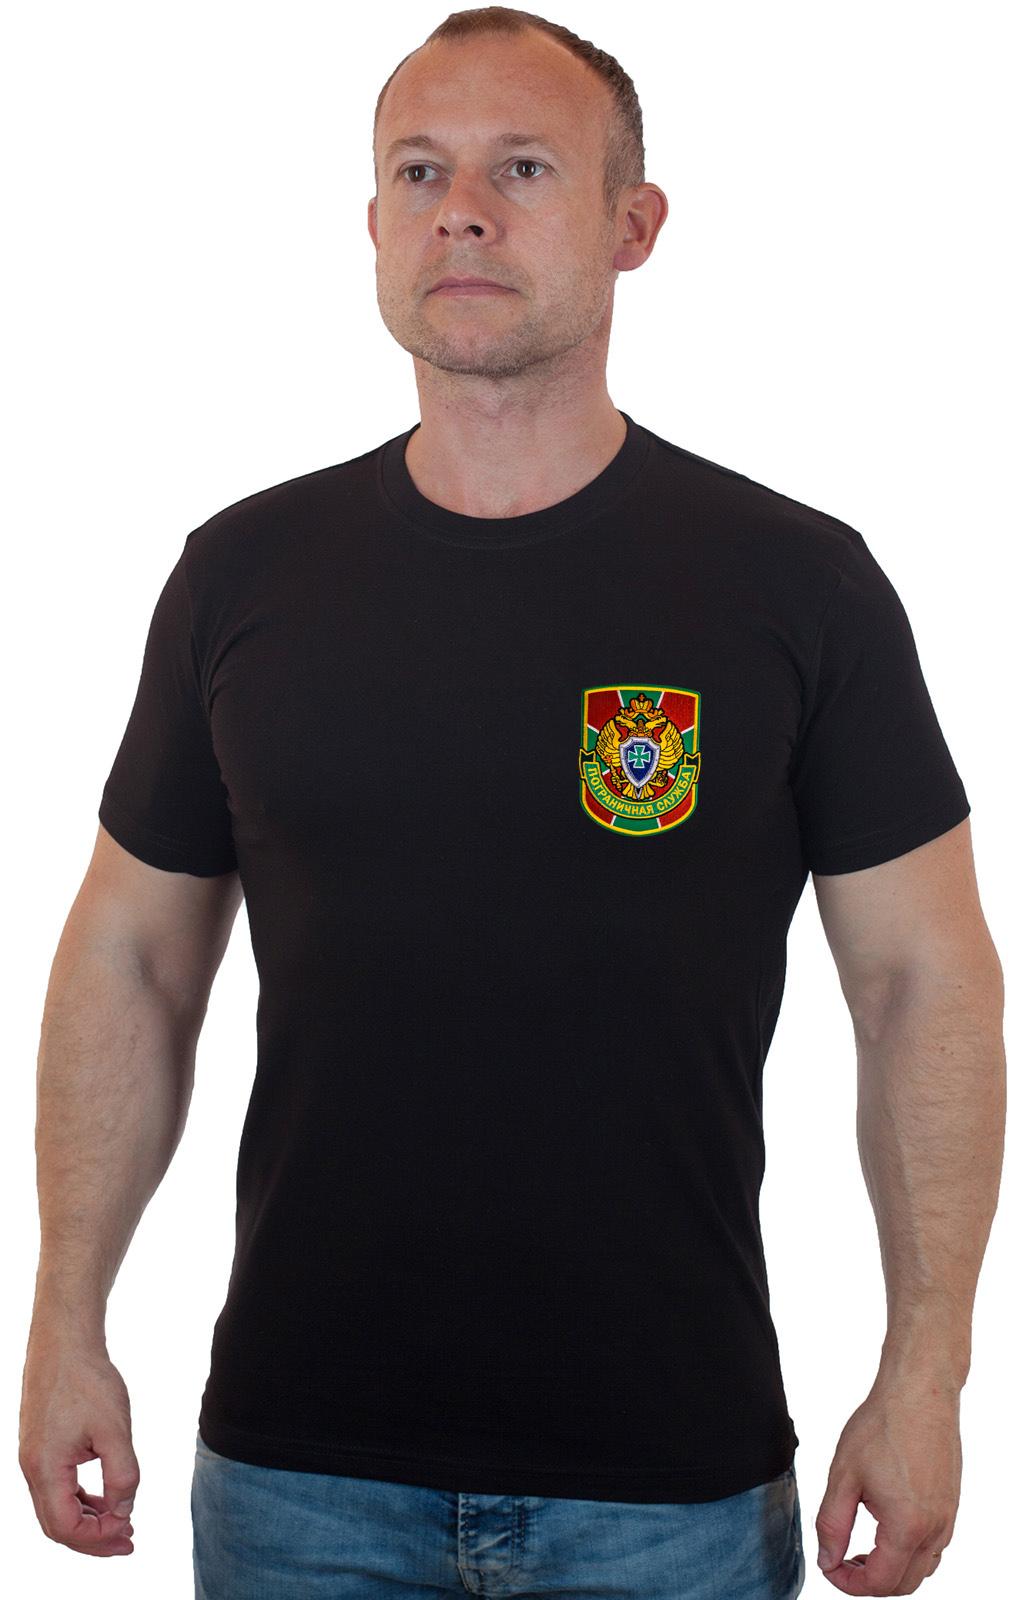 Пограничные недорогие футболки от интернет магазина Военпро